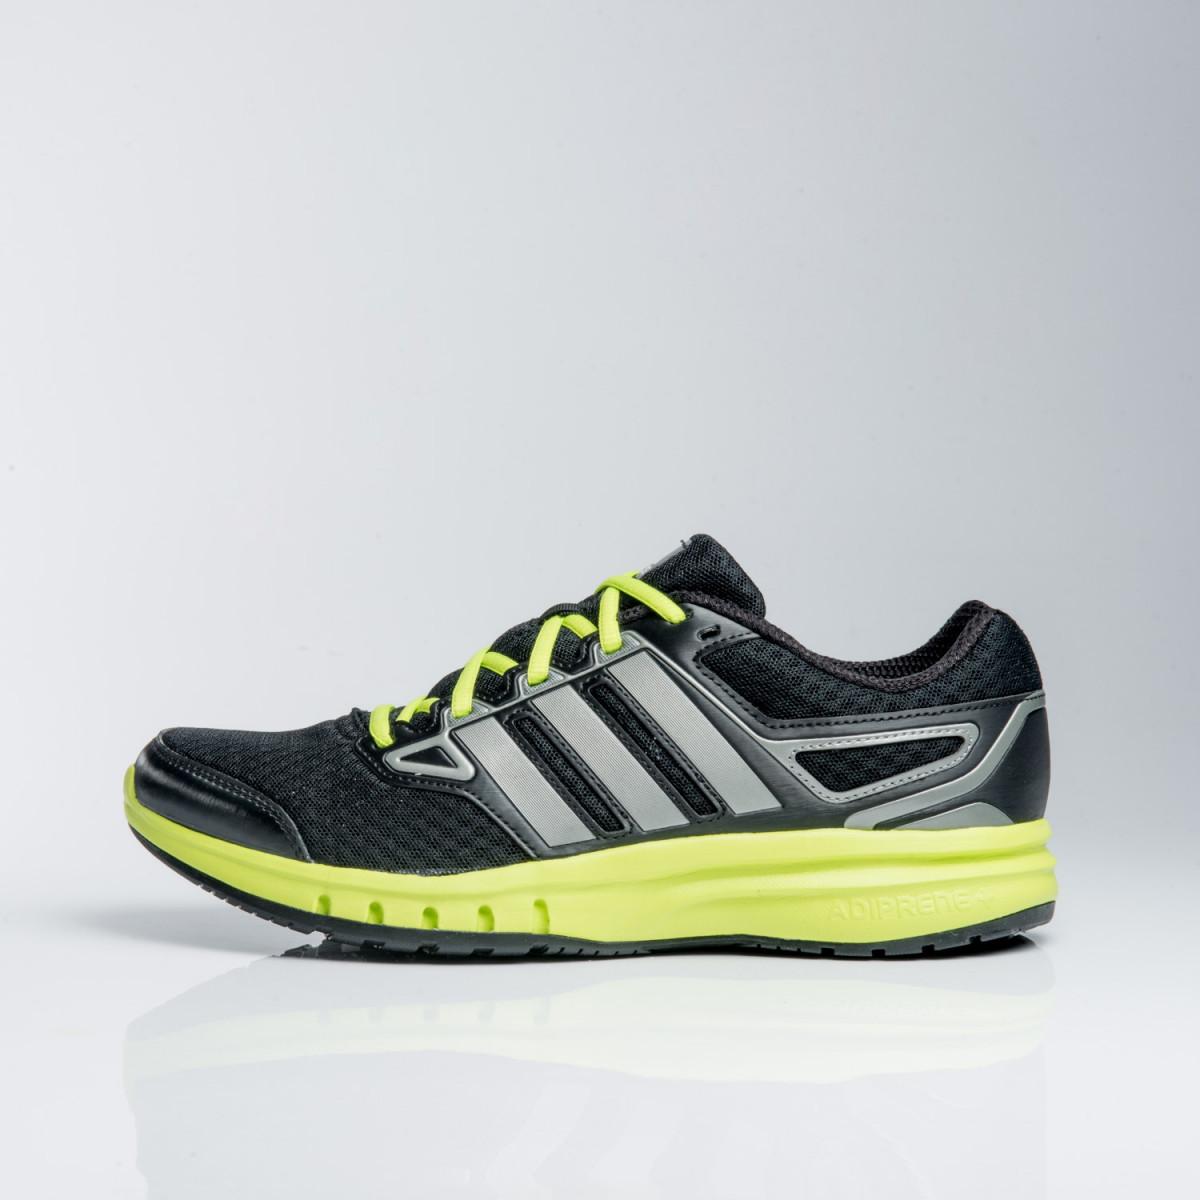 Zapatillas Adidas Galactic Elite M